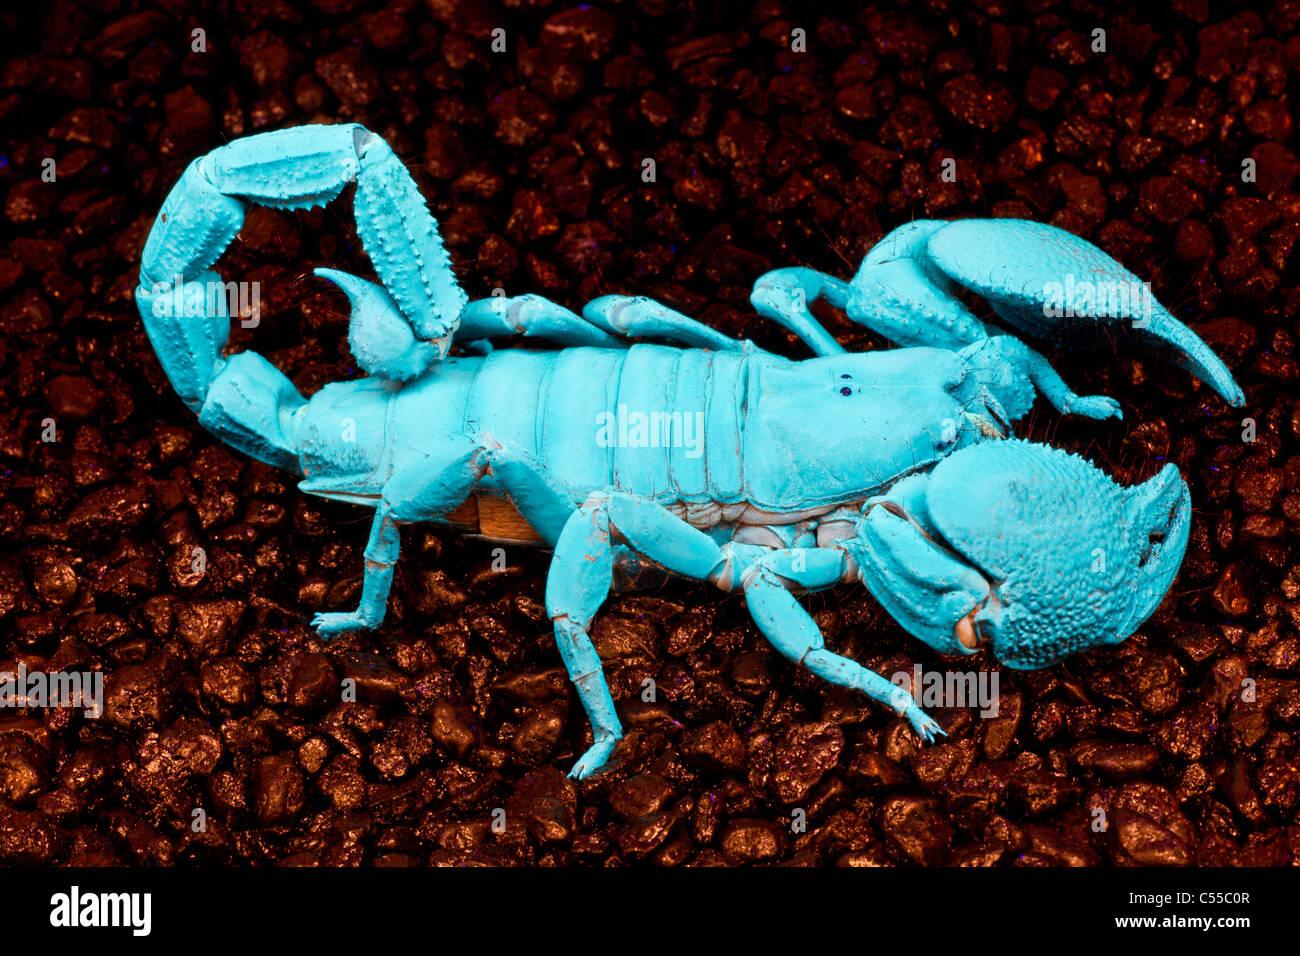 Imperial Scorpion Imágenes De Stock & Imperial Scorpion Fotos De ...